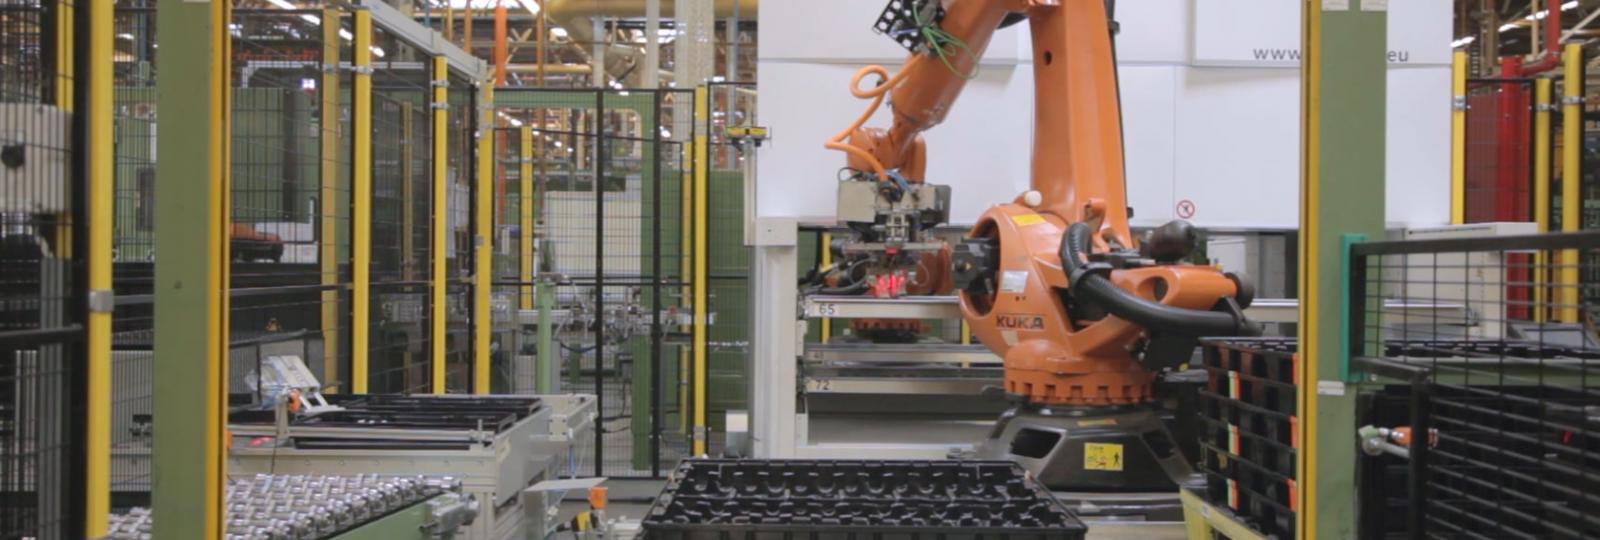 VERTICALE LIFTEN met ROBOTS